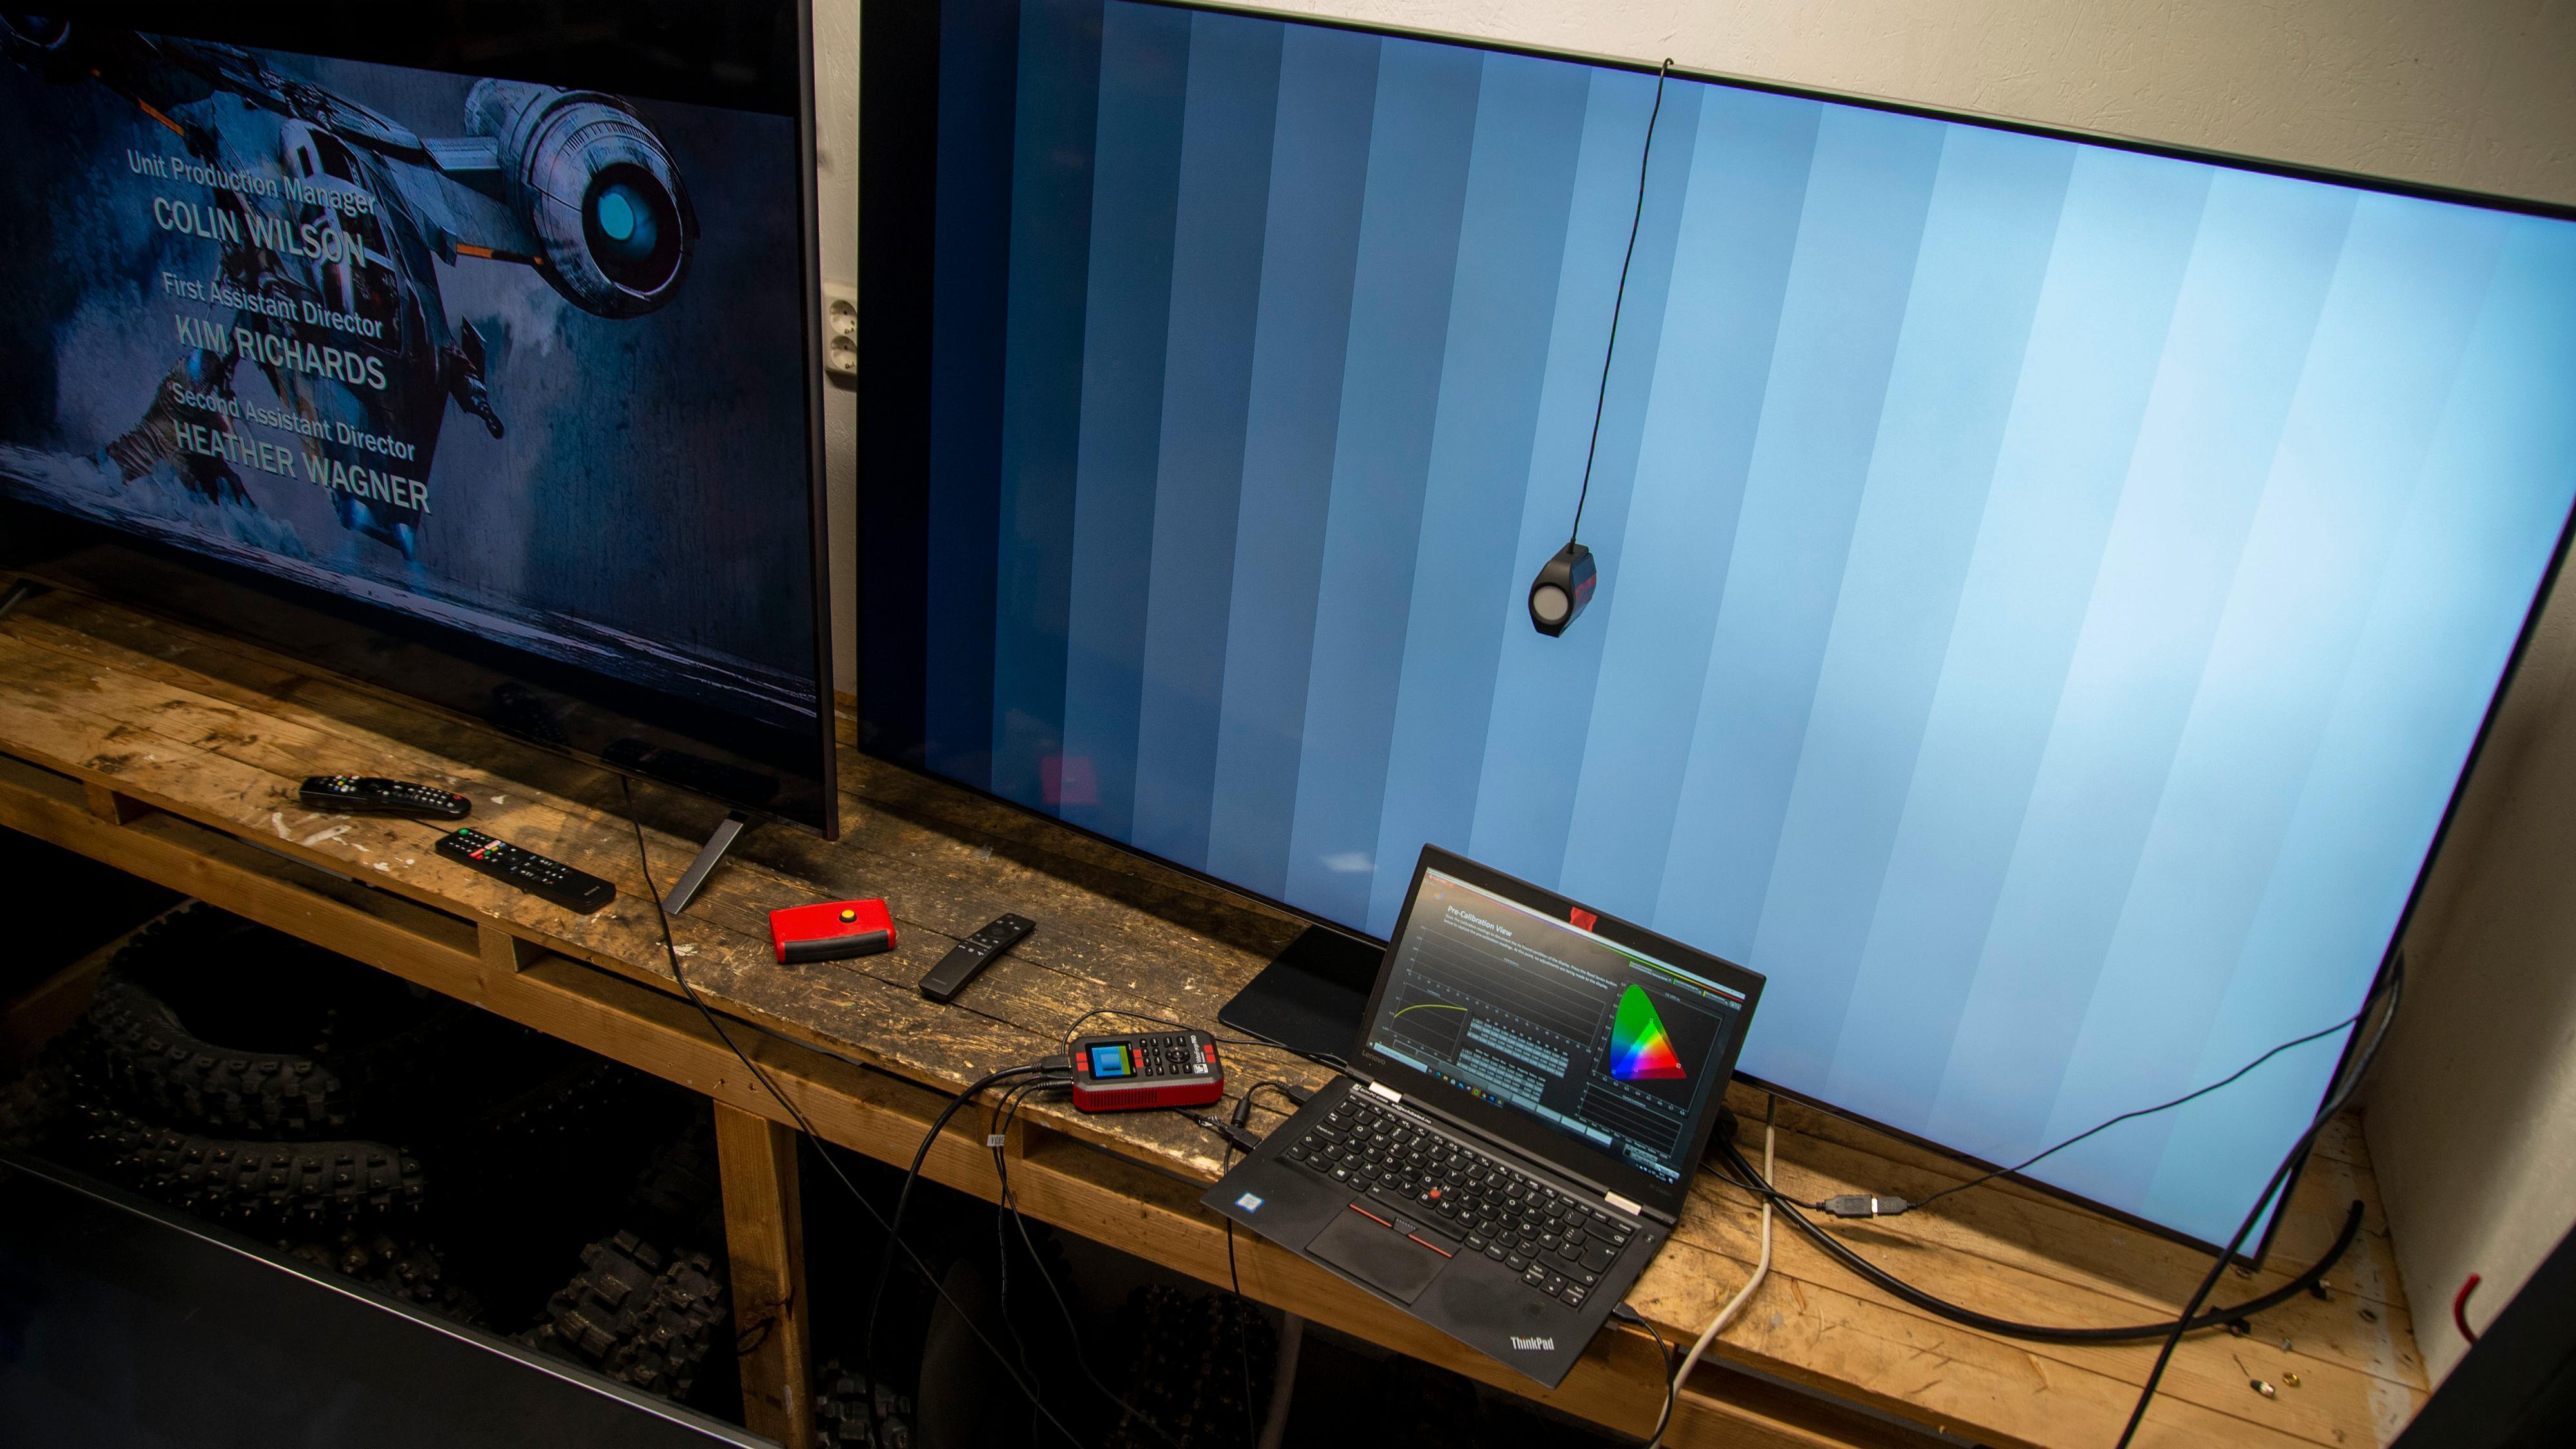 Testlabben vår er fortiden i en garasje, og her er kalibreringsriggen vi bruker til å måle flatskjermer med.